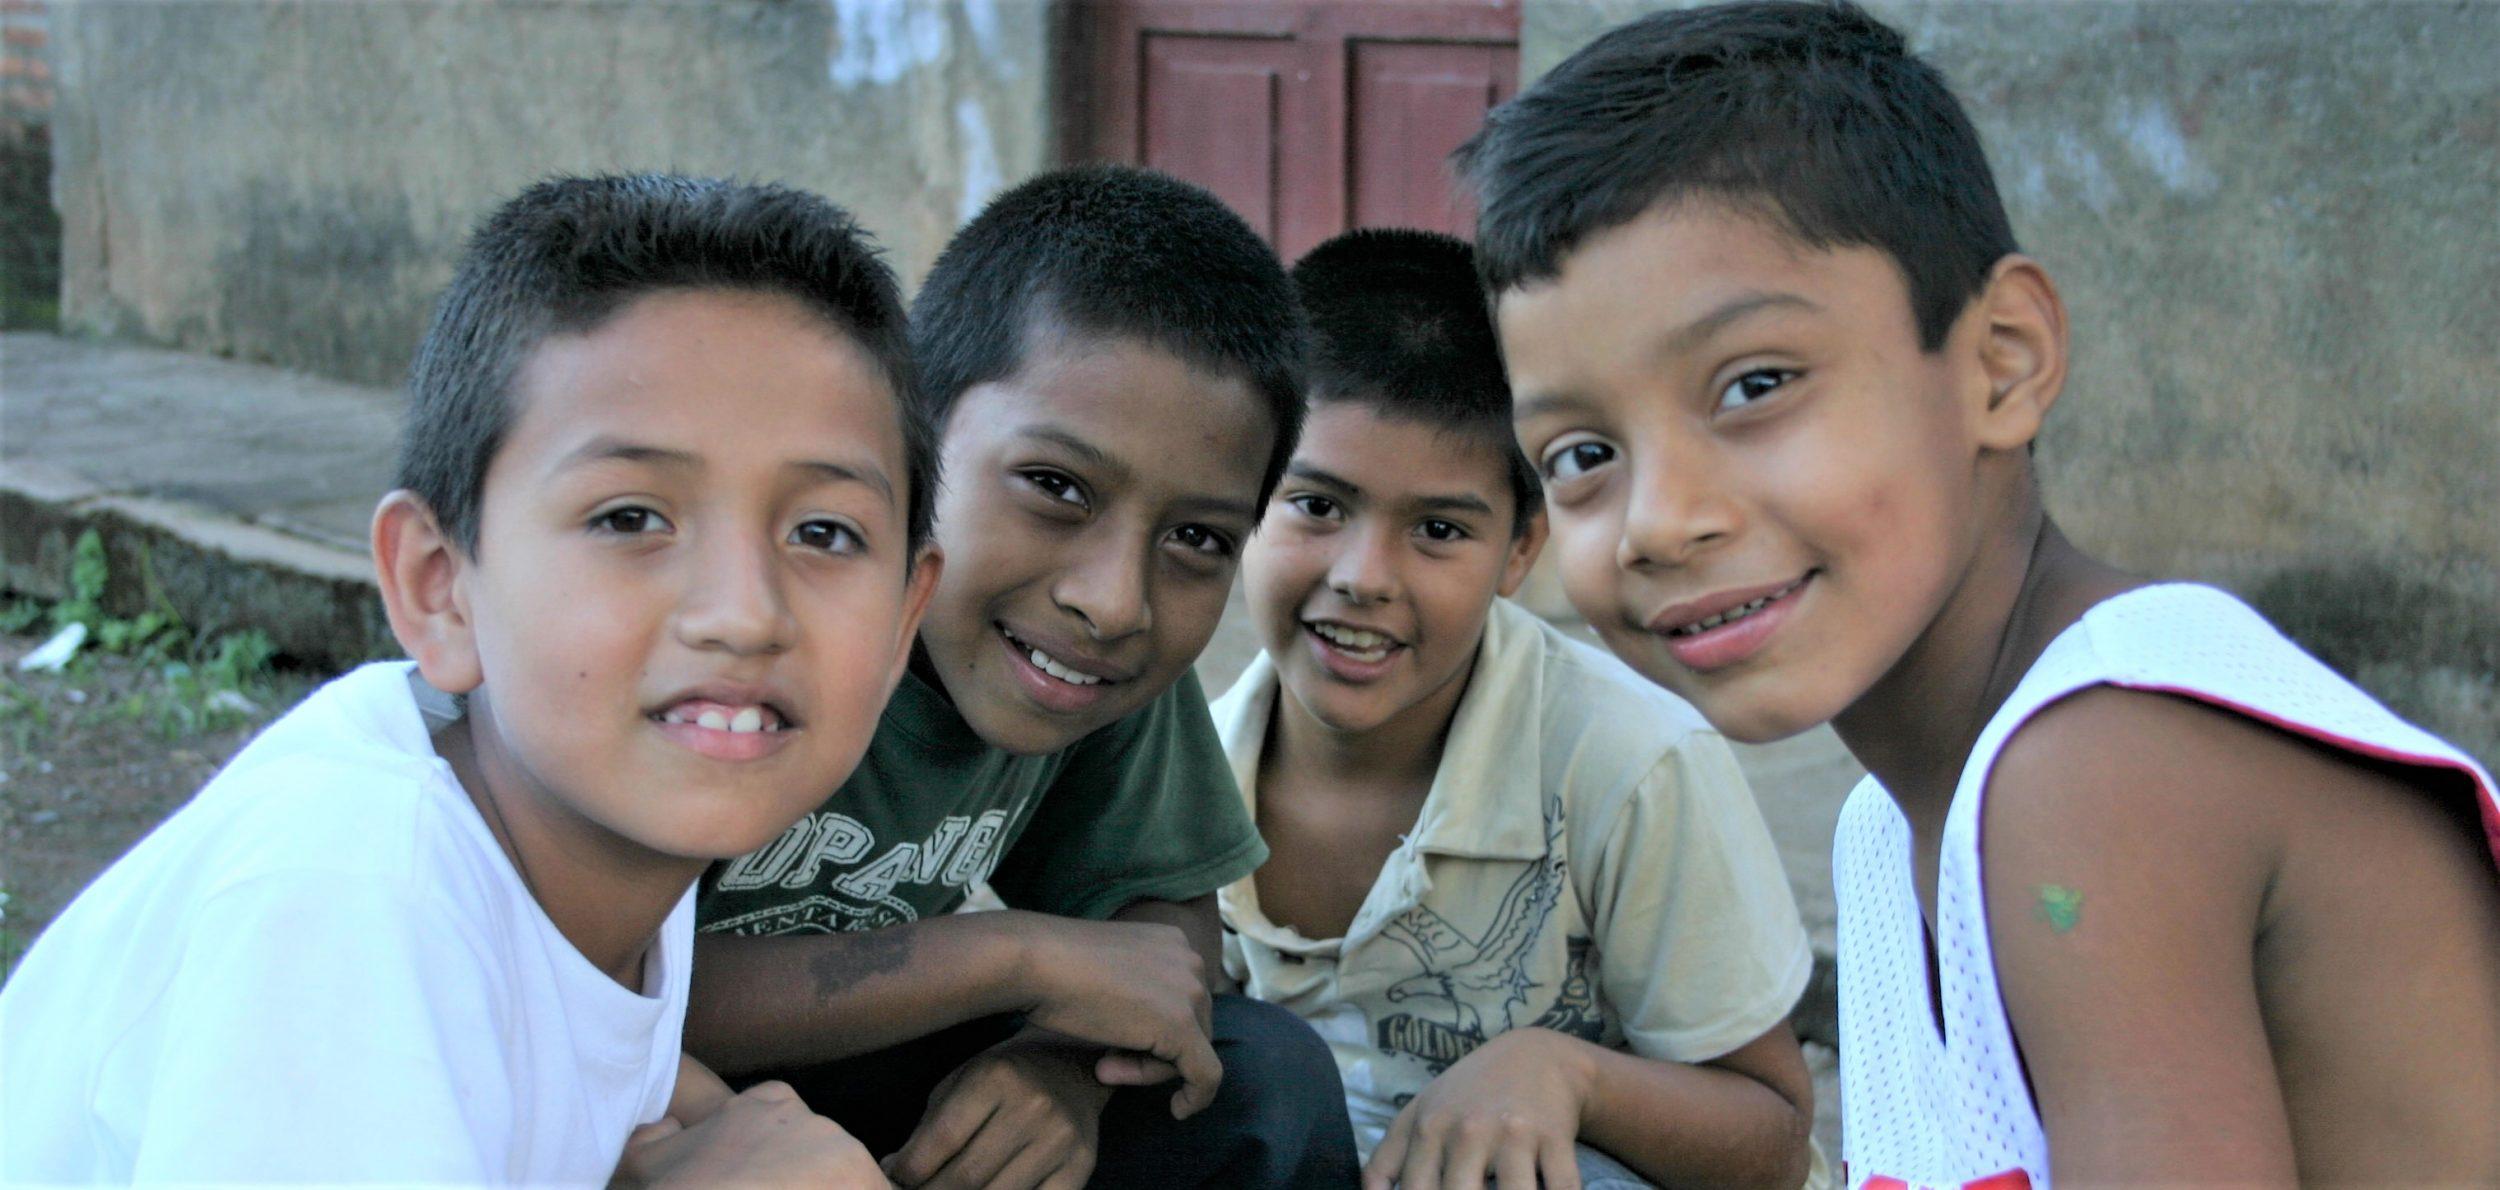 Böndag för världens barn den 6 oktober